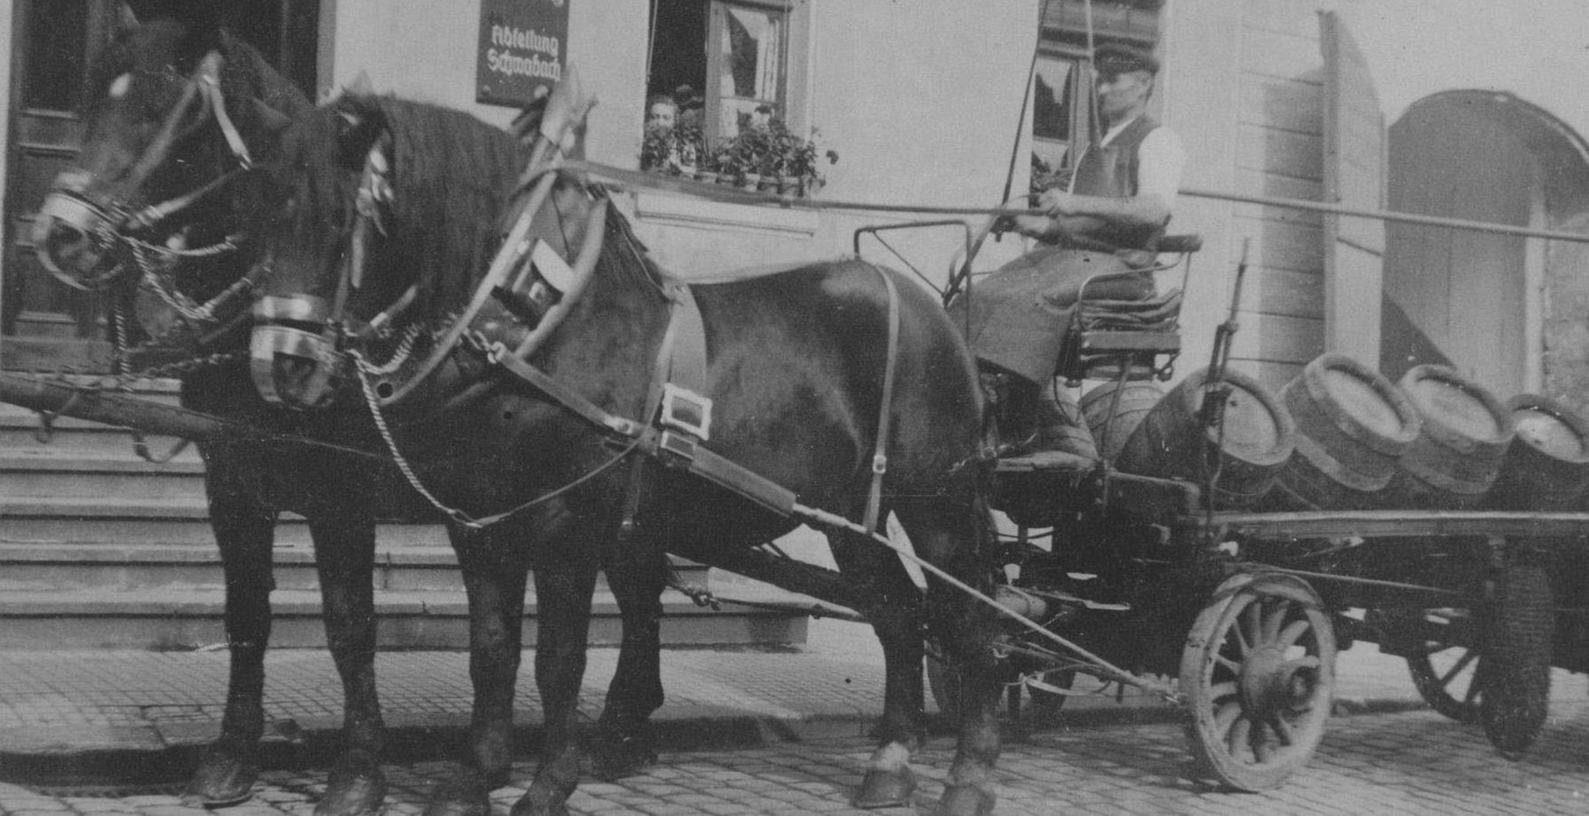 """Heinrich Brechtel mit einem Bierfuhrwerk vor dem Anwesen Hördlertorstraße 14. Er war über 40 Jahre zunächst im landwirtschaftlichen Betrieb und später als Bierkutscher für die Brauerei tätig. Das Foto entstand um 1928. Aus dem Fenster schaut die Haushälterin von Julius Forster. Die Schilder am Haus geben einen Großteil der Geschichte wieder. Über der Tür steht """"Forster-Brauerei"""", rechts daneben """"Brauhaus Schwabach. Aktien-Gesellschaft"""", darunter hängt schließlich ein Schild mit der Aufschrift """"Brauhaus Nürnberg, Abteilung Schwabach""""."""